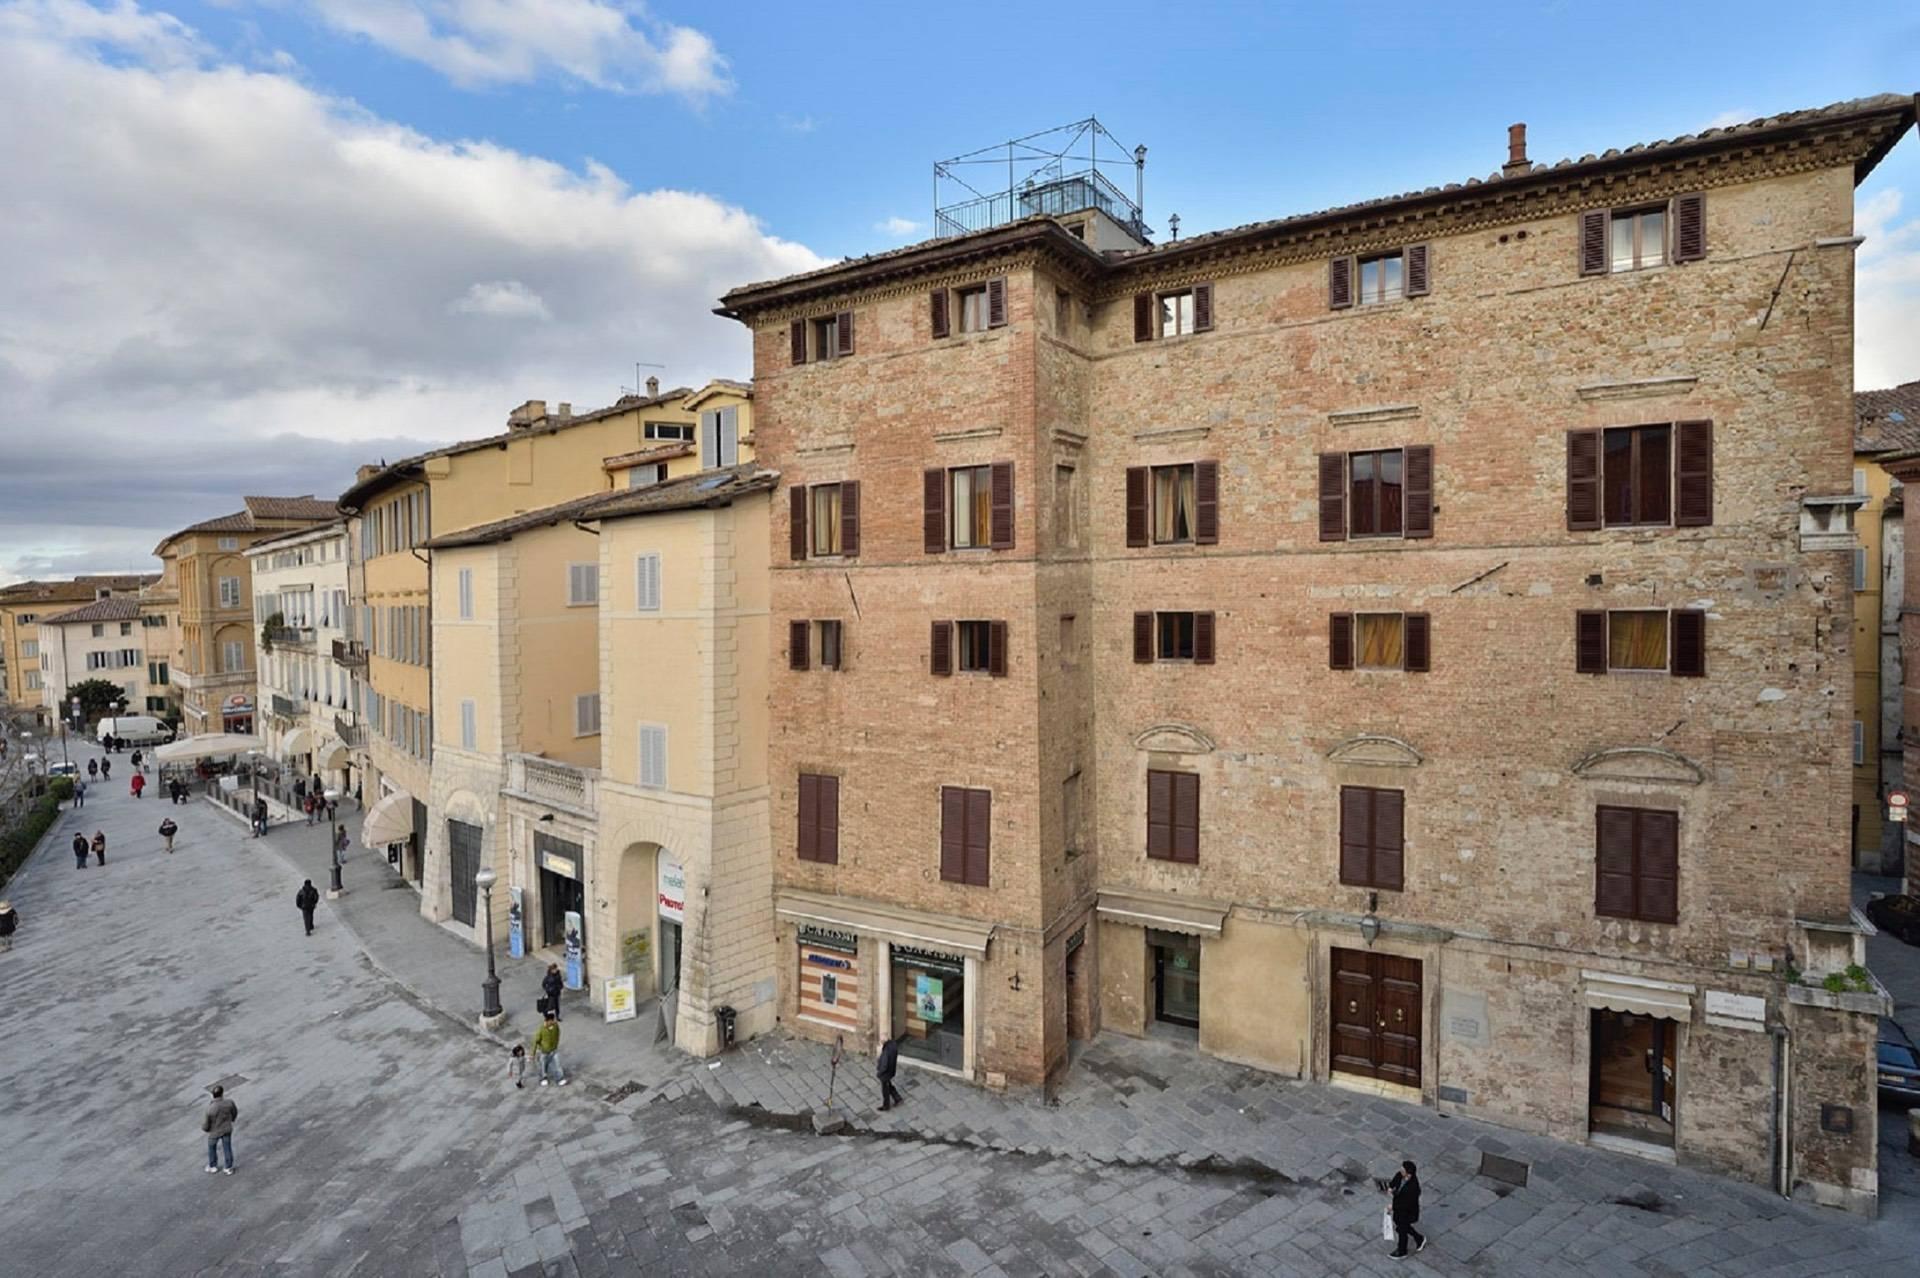 Appartamento in Vendita a Siena: 3 locali, 100 mq - Foto 2